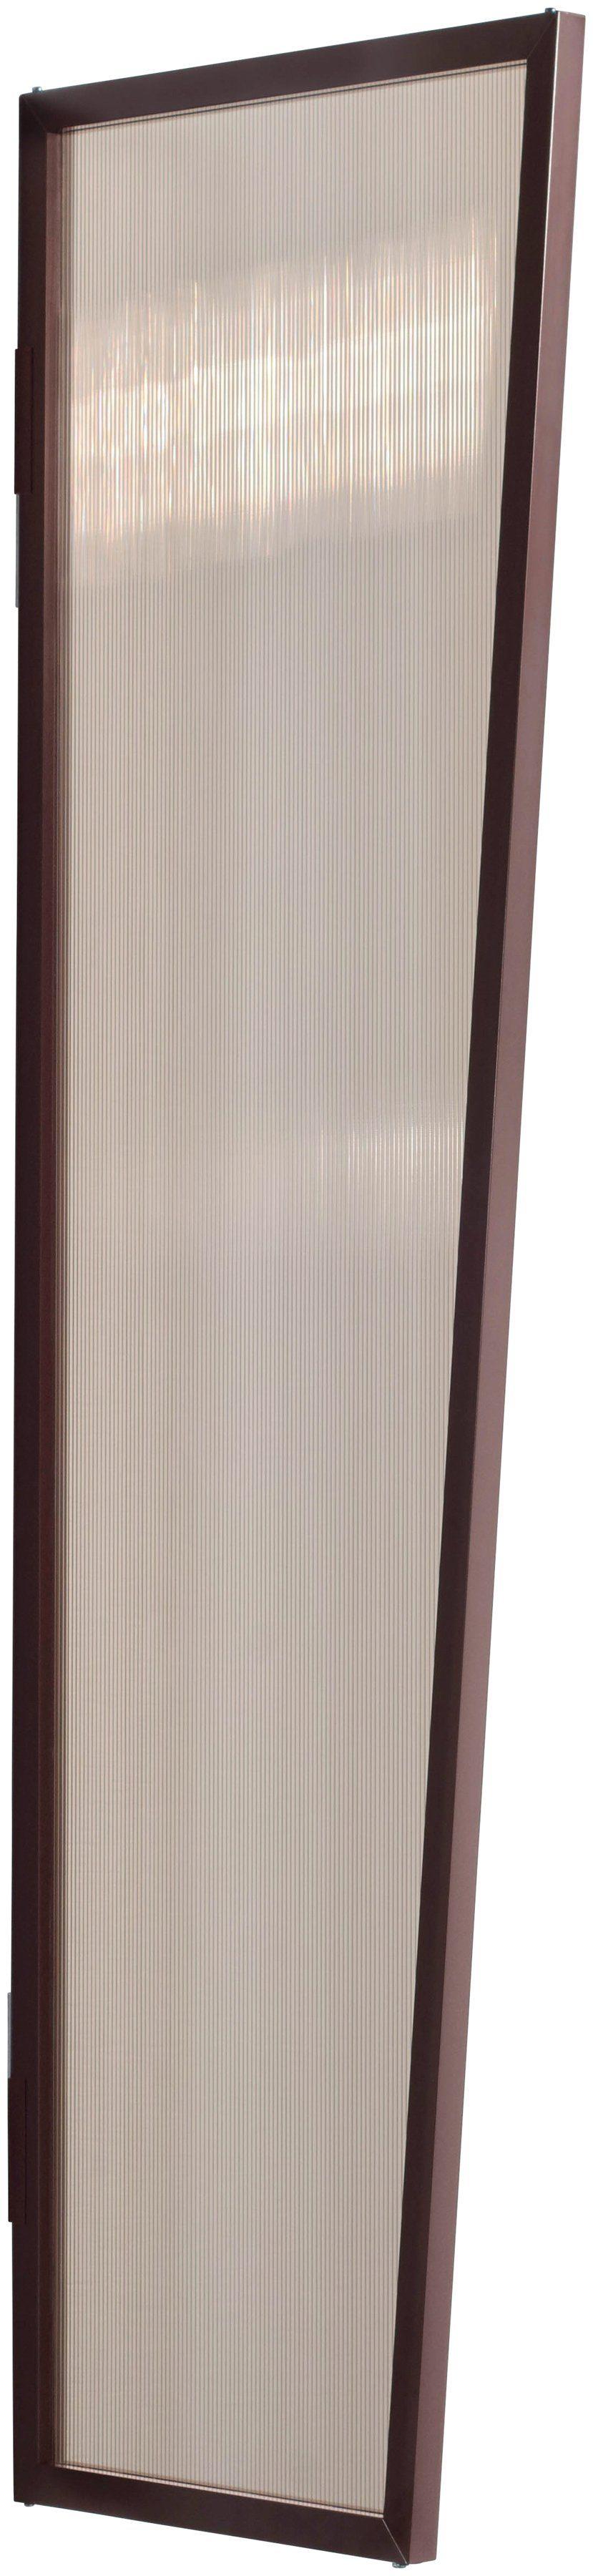 Seitenblende »B1 PC bronce«, BxH: 60x200 cm, braun